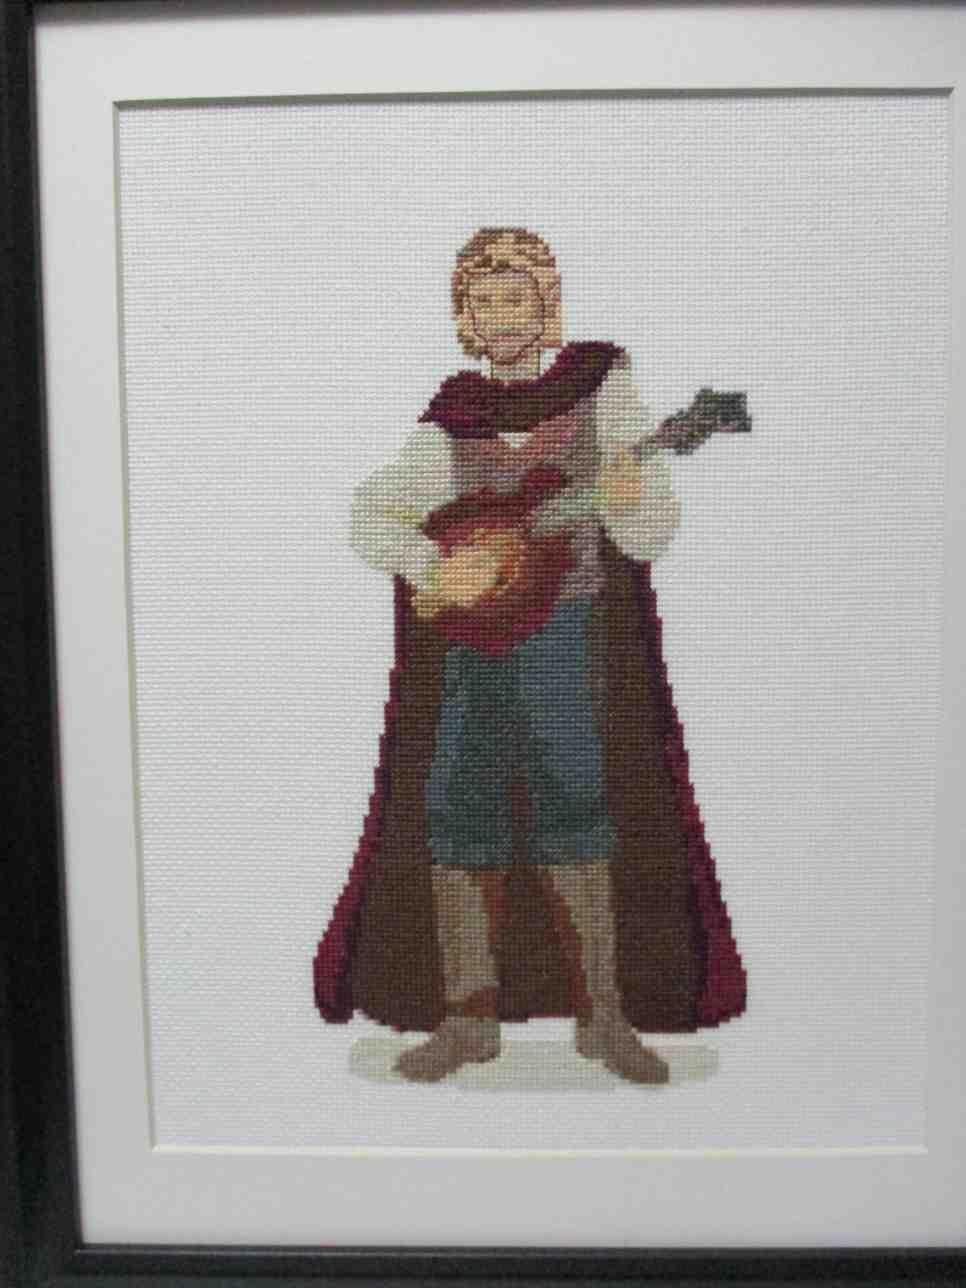 A wonderfully done cross-stitch of Erasmus by  darlene llewellyn-konecny , based on deanna laver's original design.